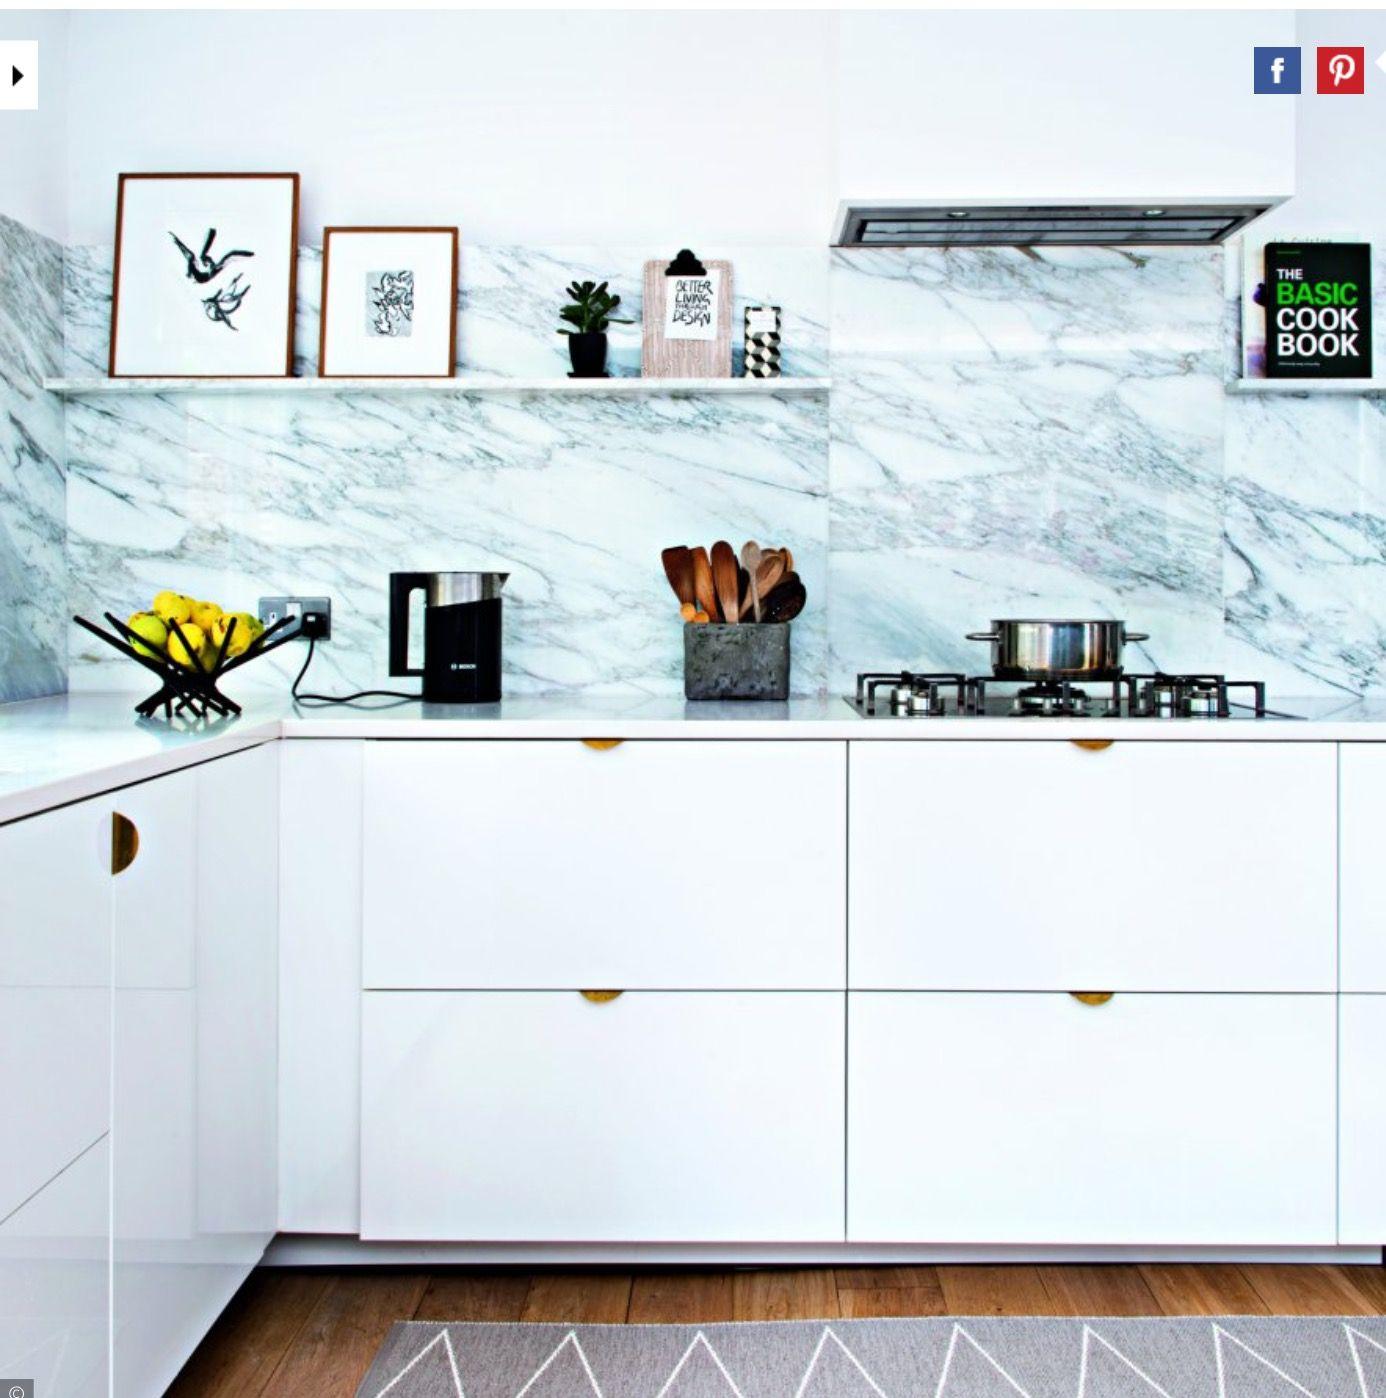 Poignée De Cuisine Ikea cuisine ikea avec poignées en laiton et dessus en marbre